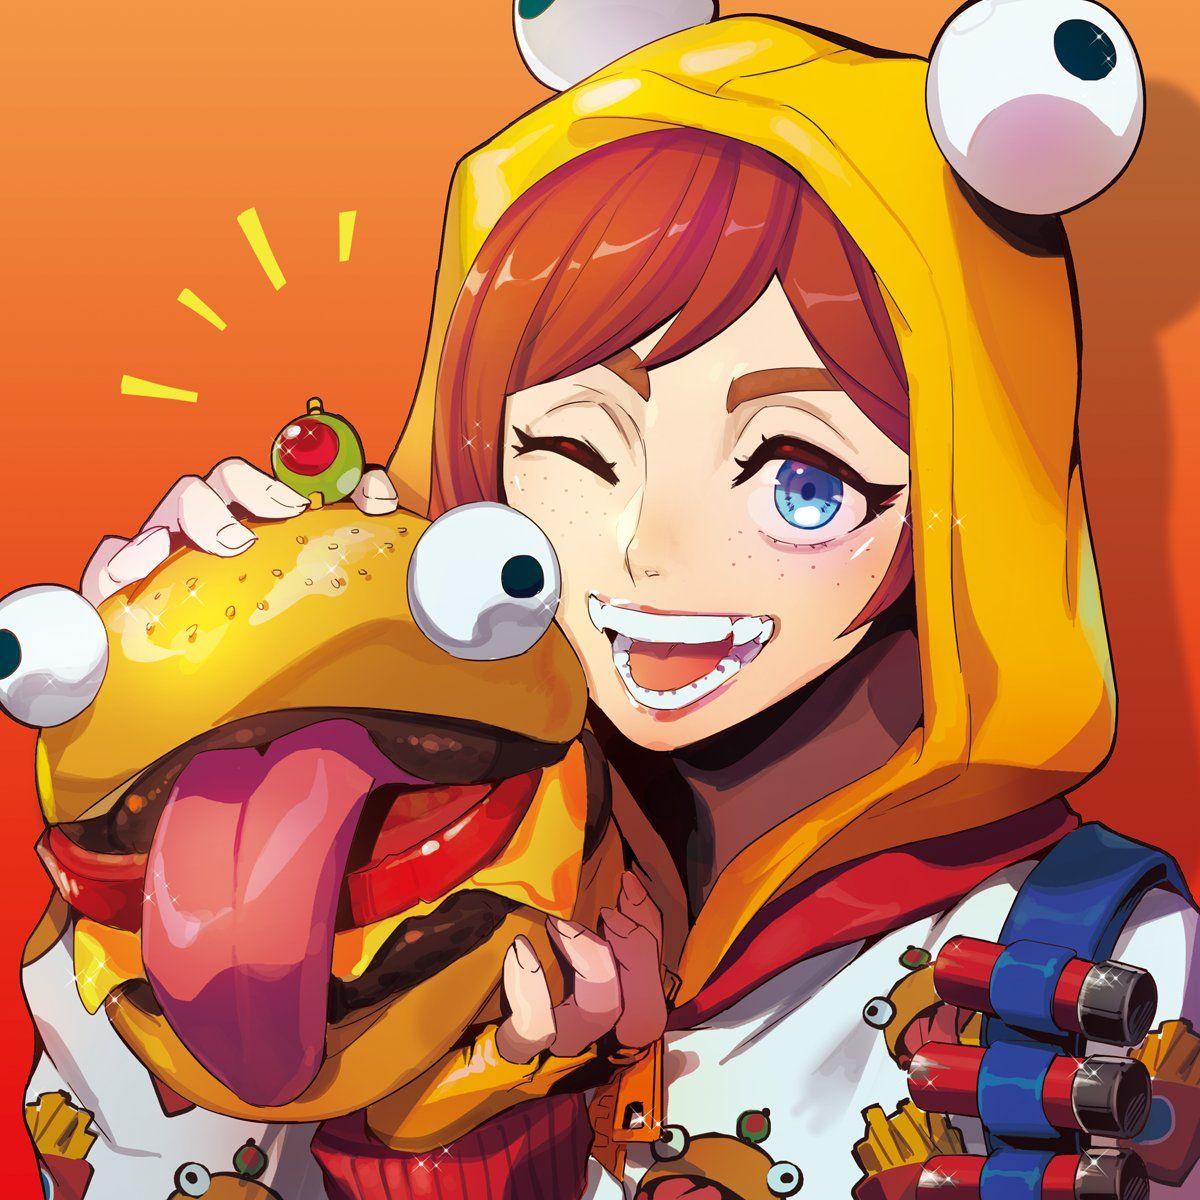 Female Character Fortnite Fan Art Anime - Anime Wallpapers